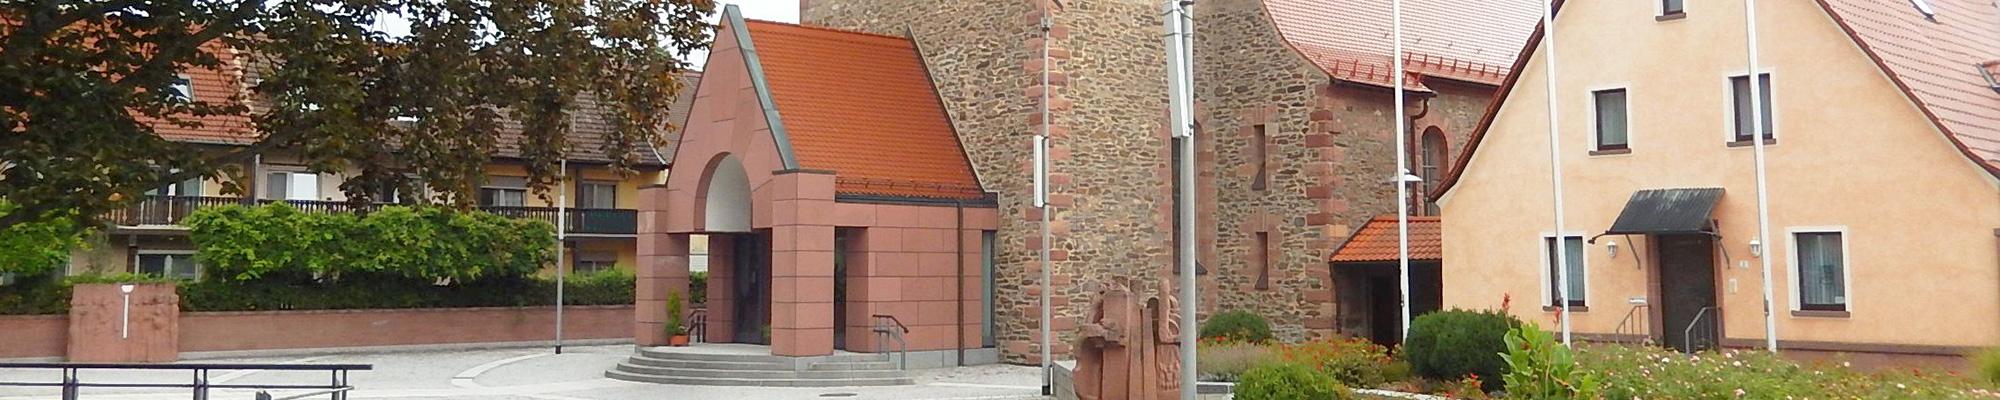 Header---Kirchplatz